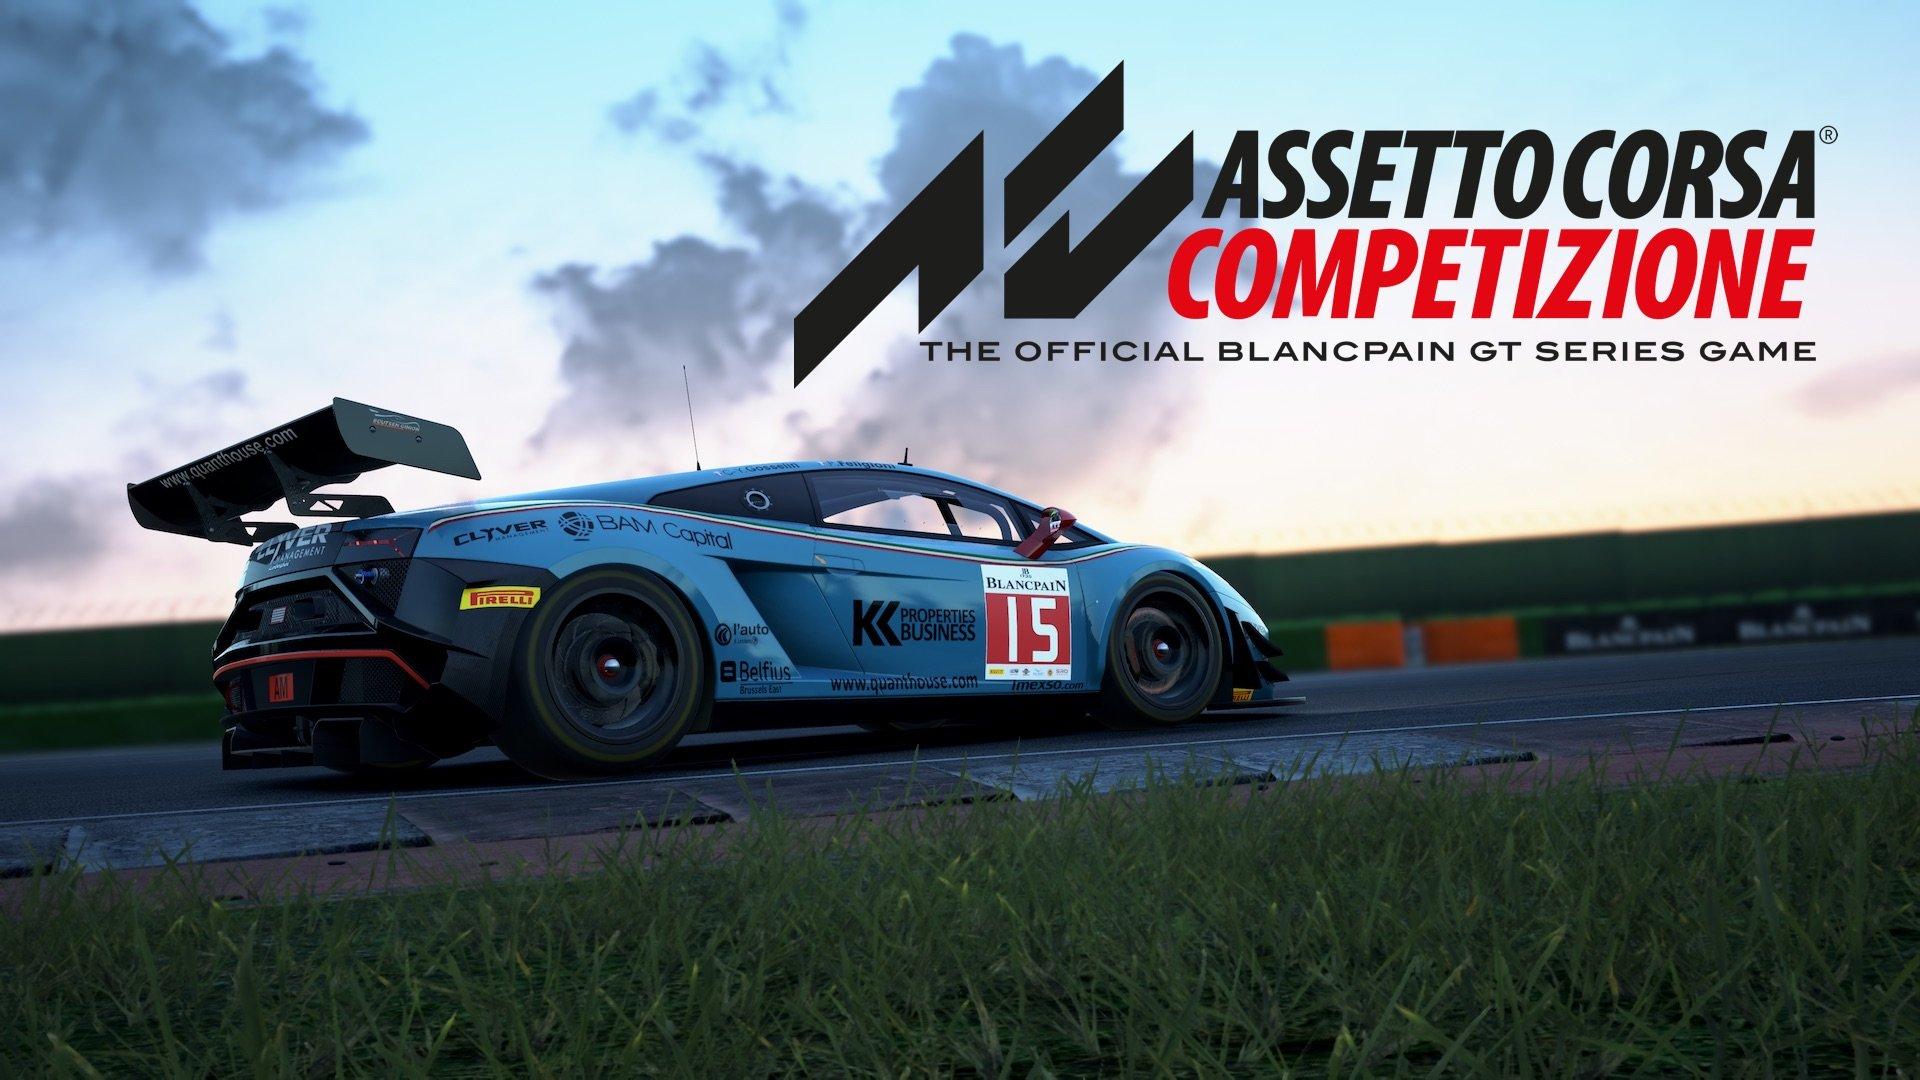 Assetto Corsa Competizione wallpaper